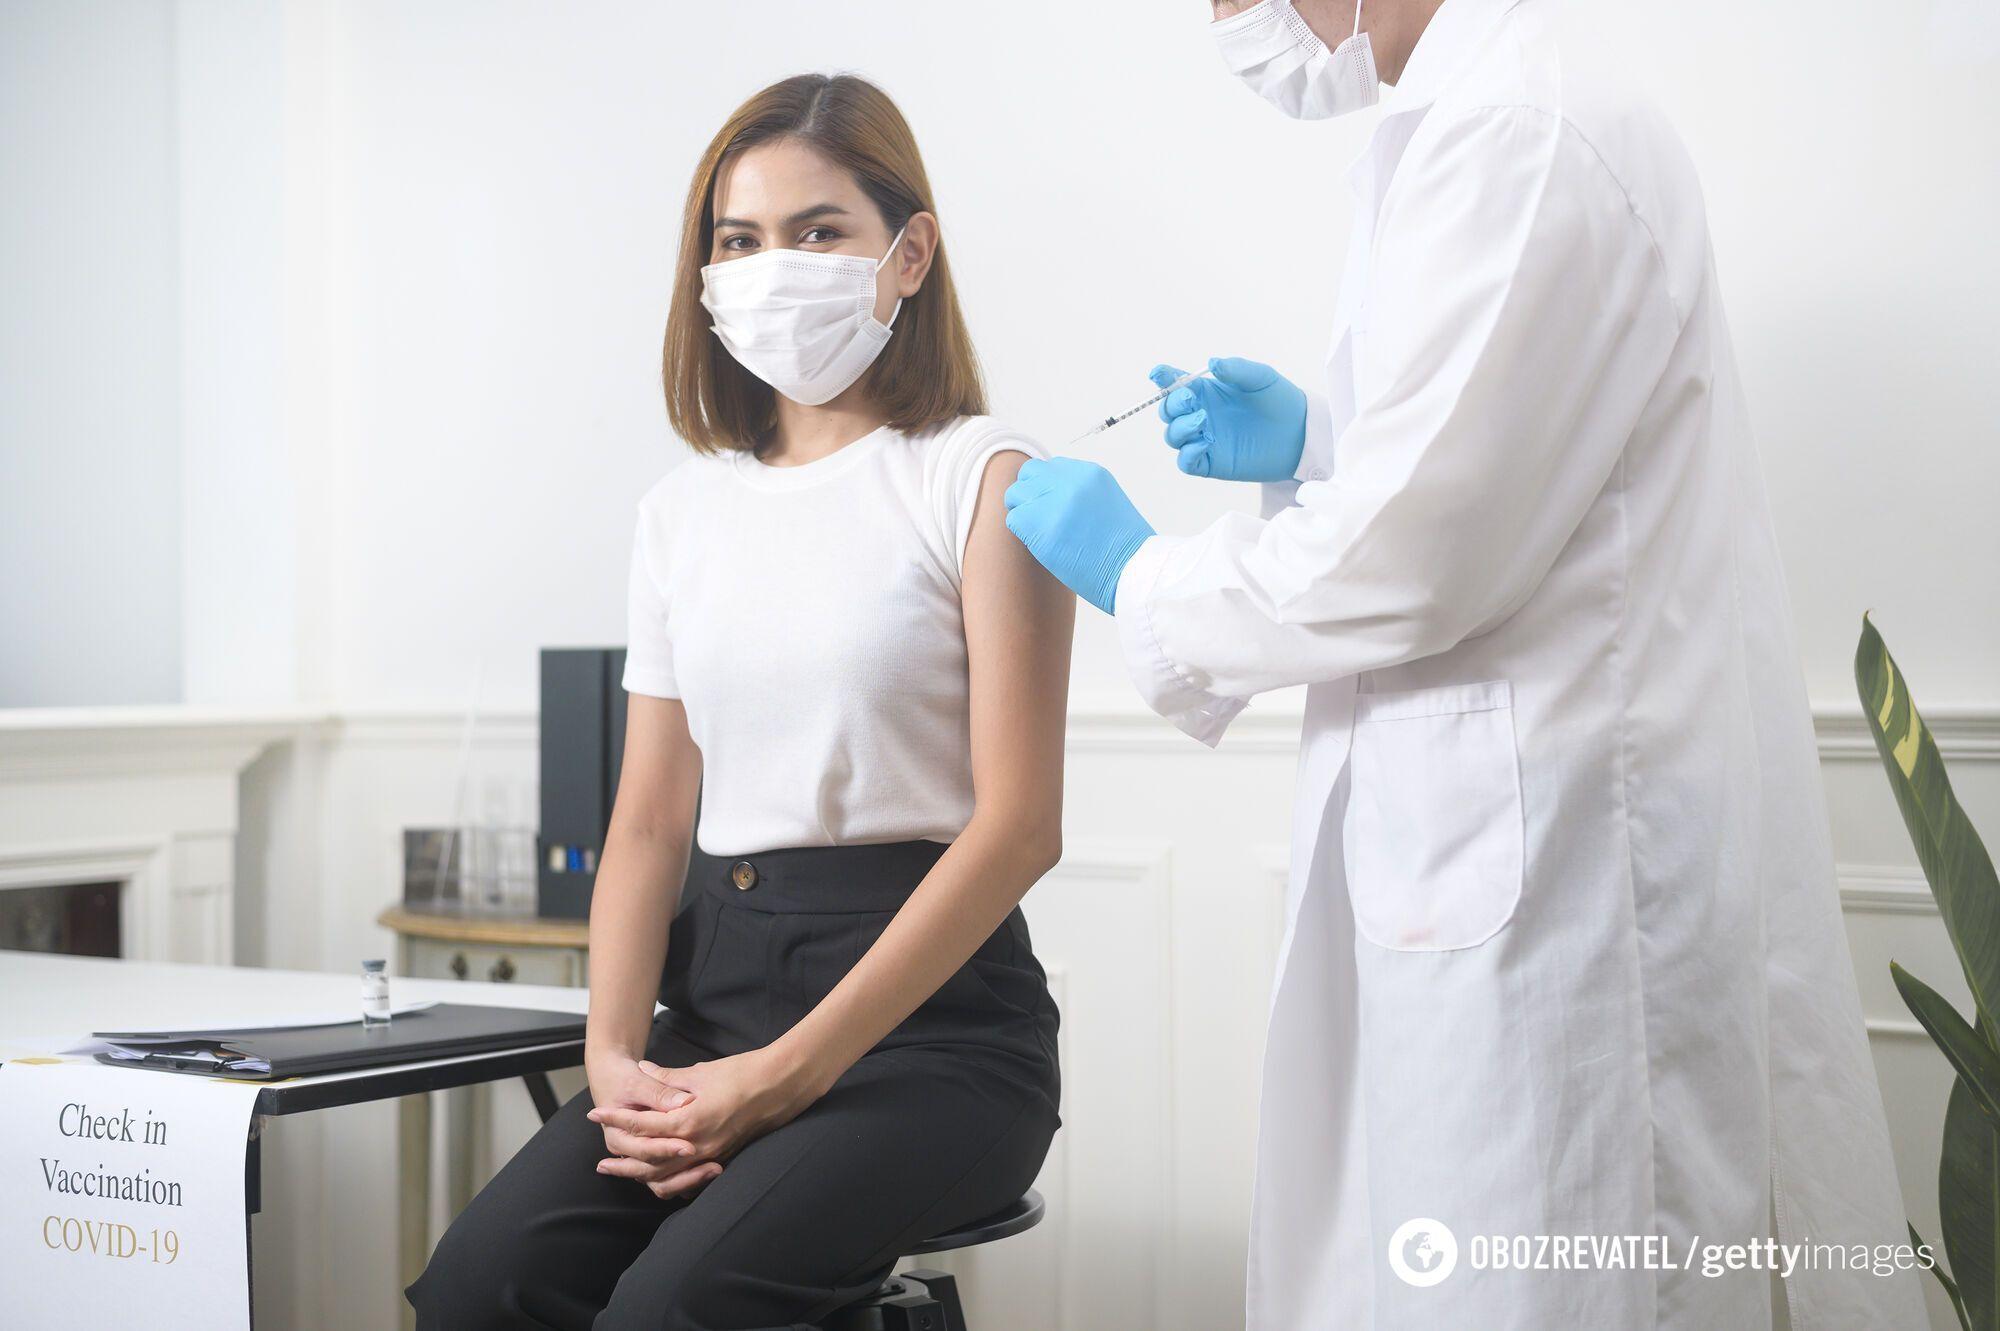 К вакцинации против COVID-19 не существует абсолютных противопоказаний